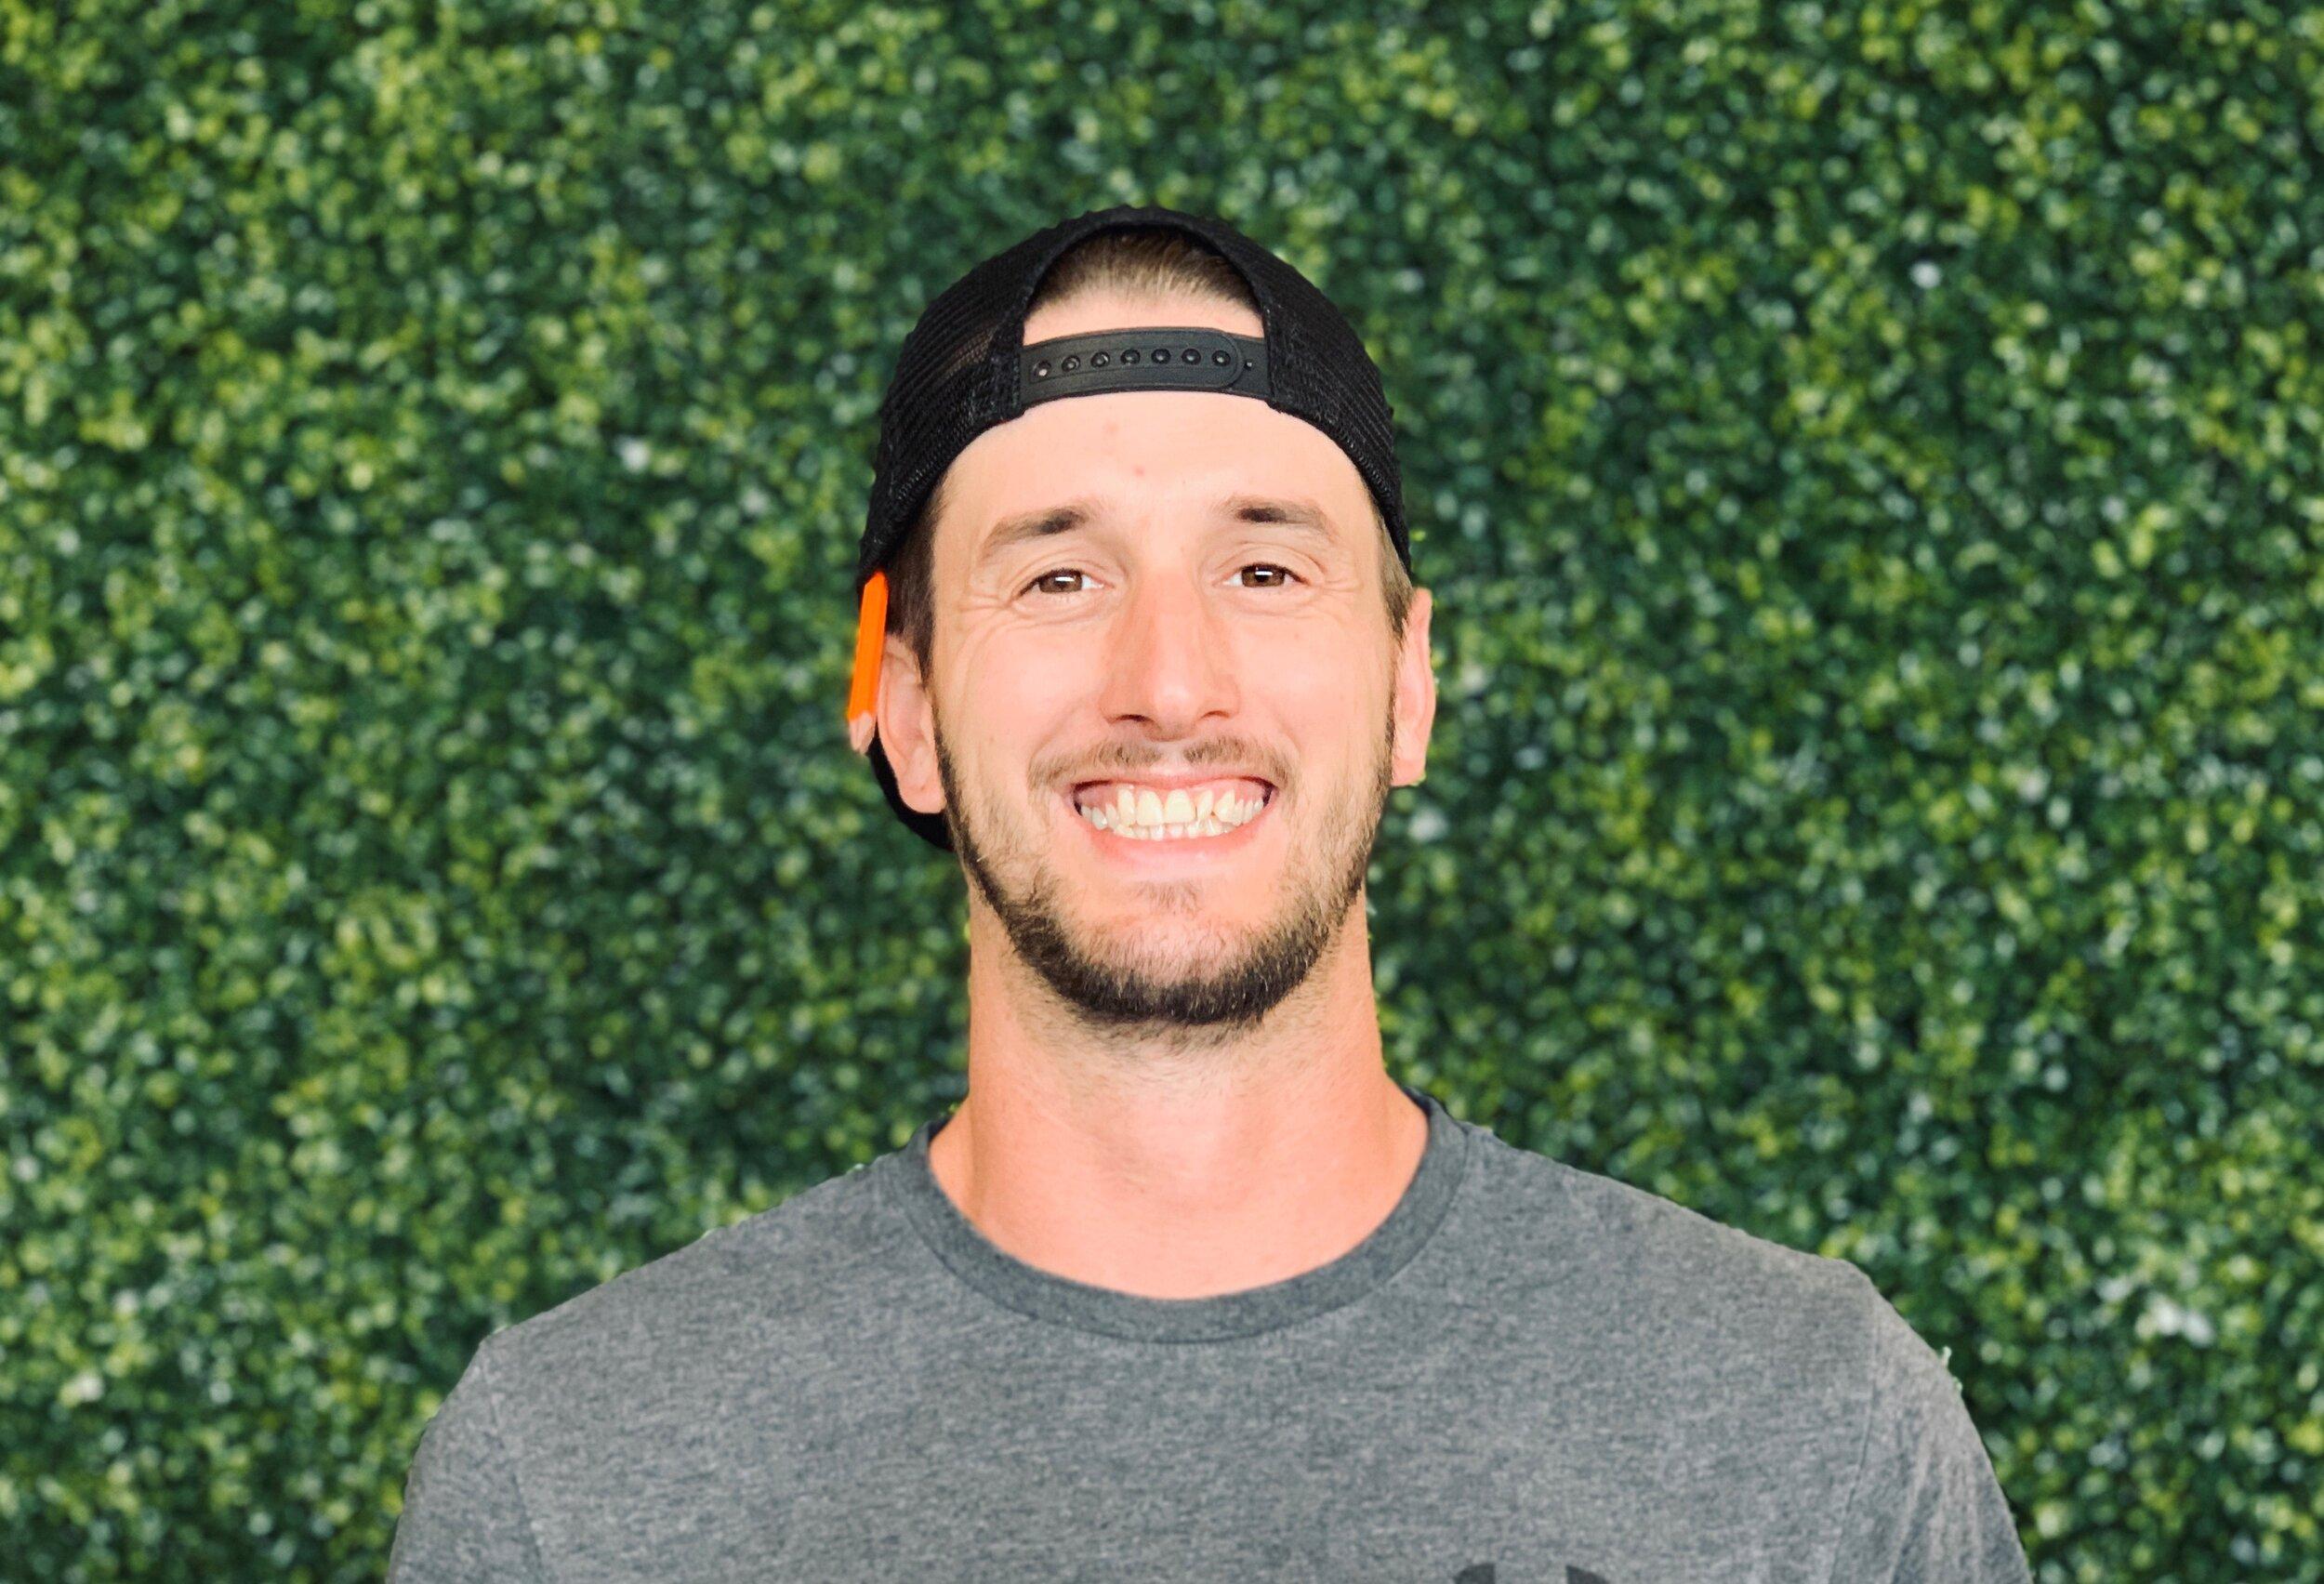 Dustin Millard